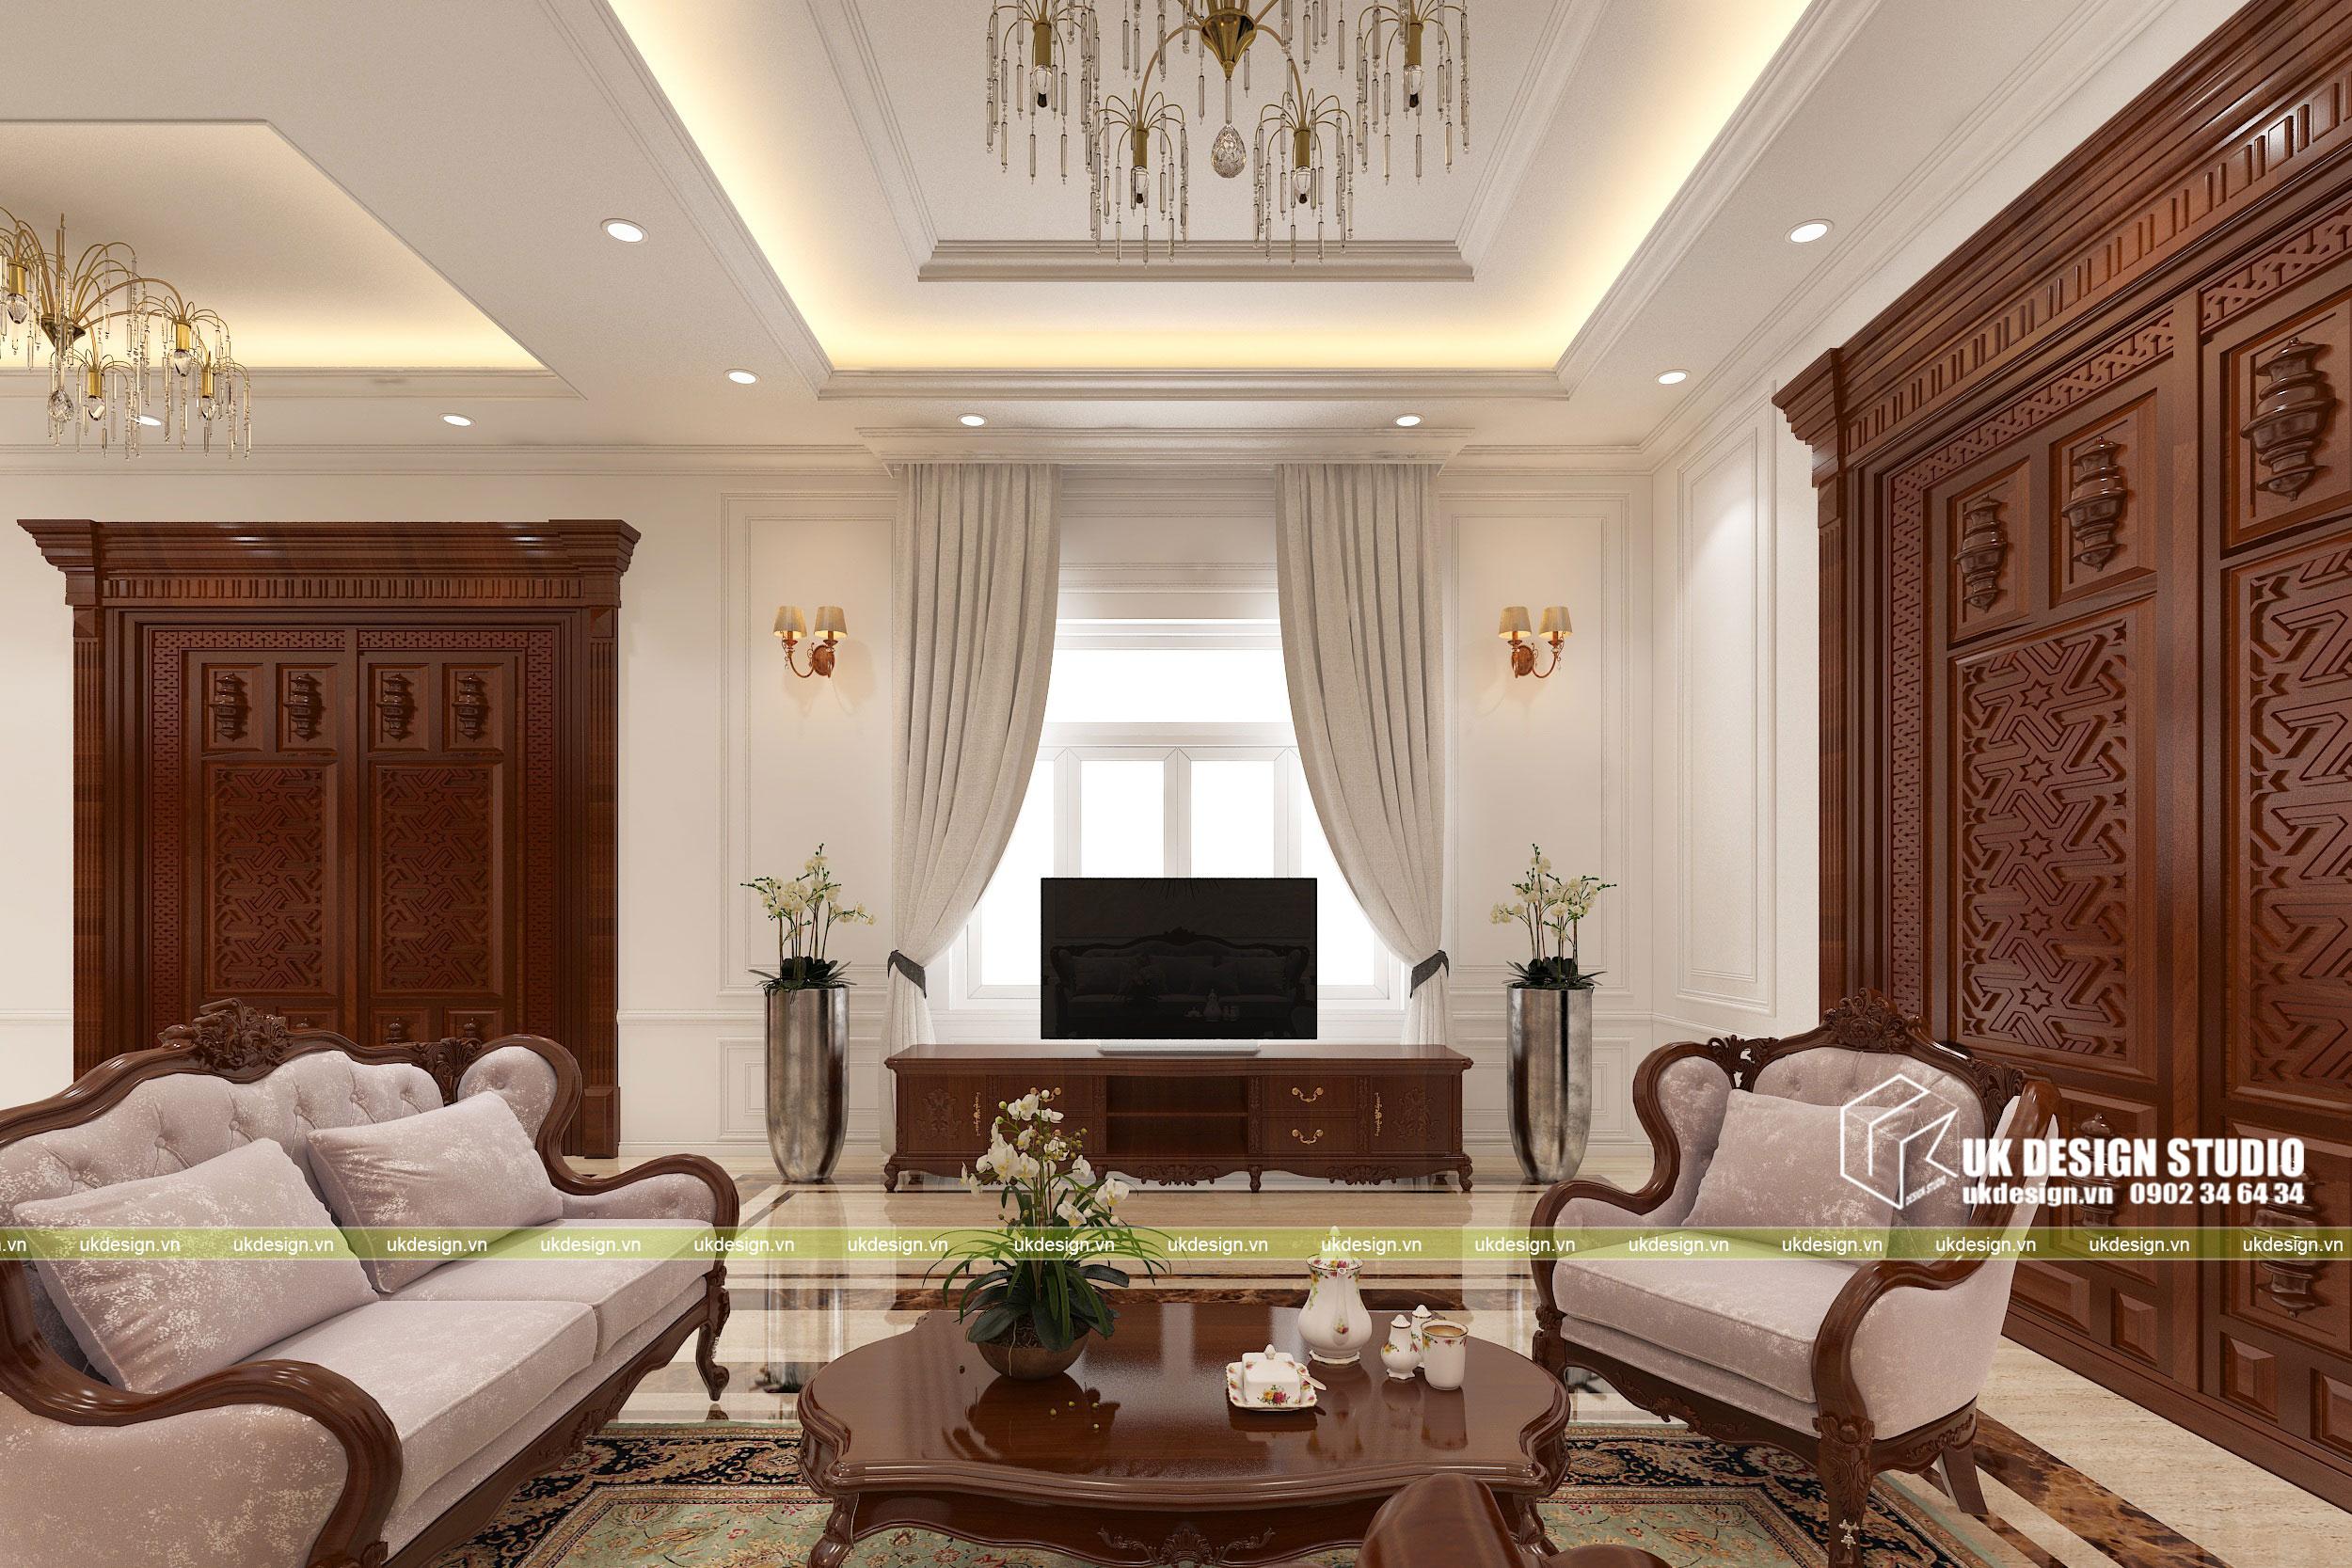 Thiết kế nội thất biệt thự cổ điển 6